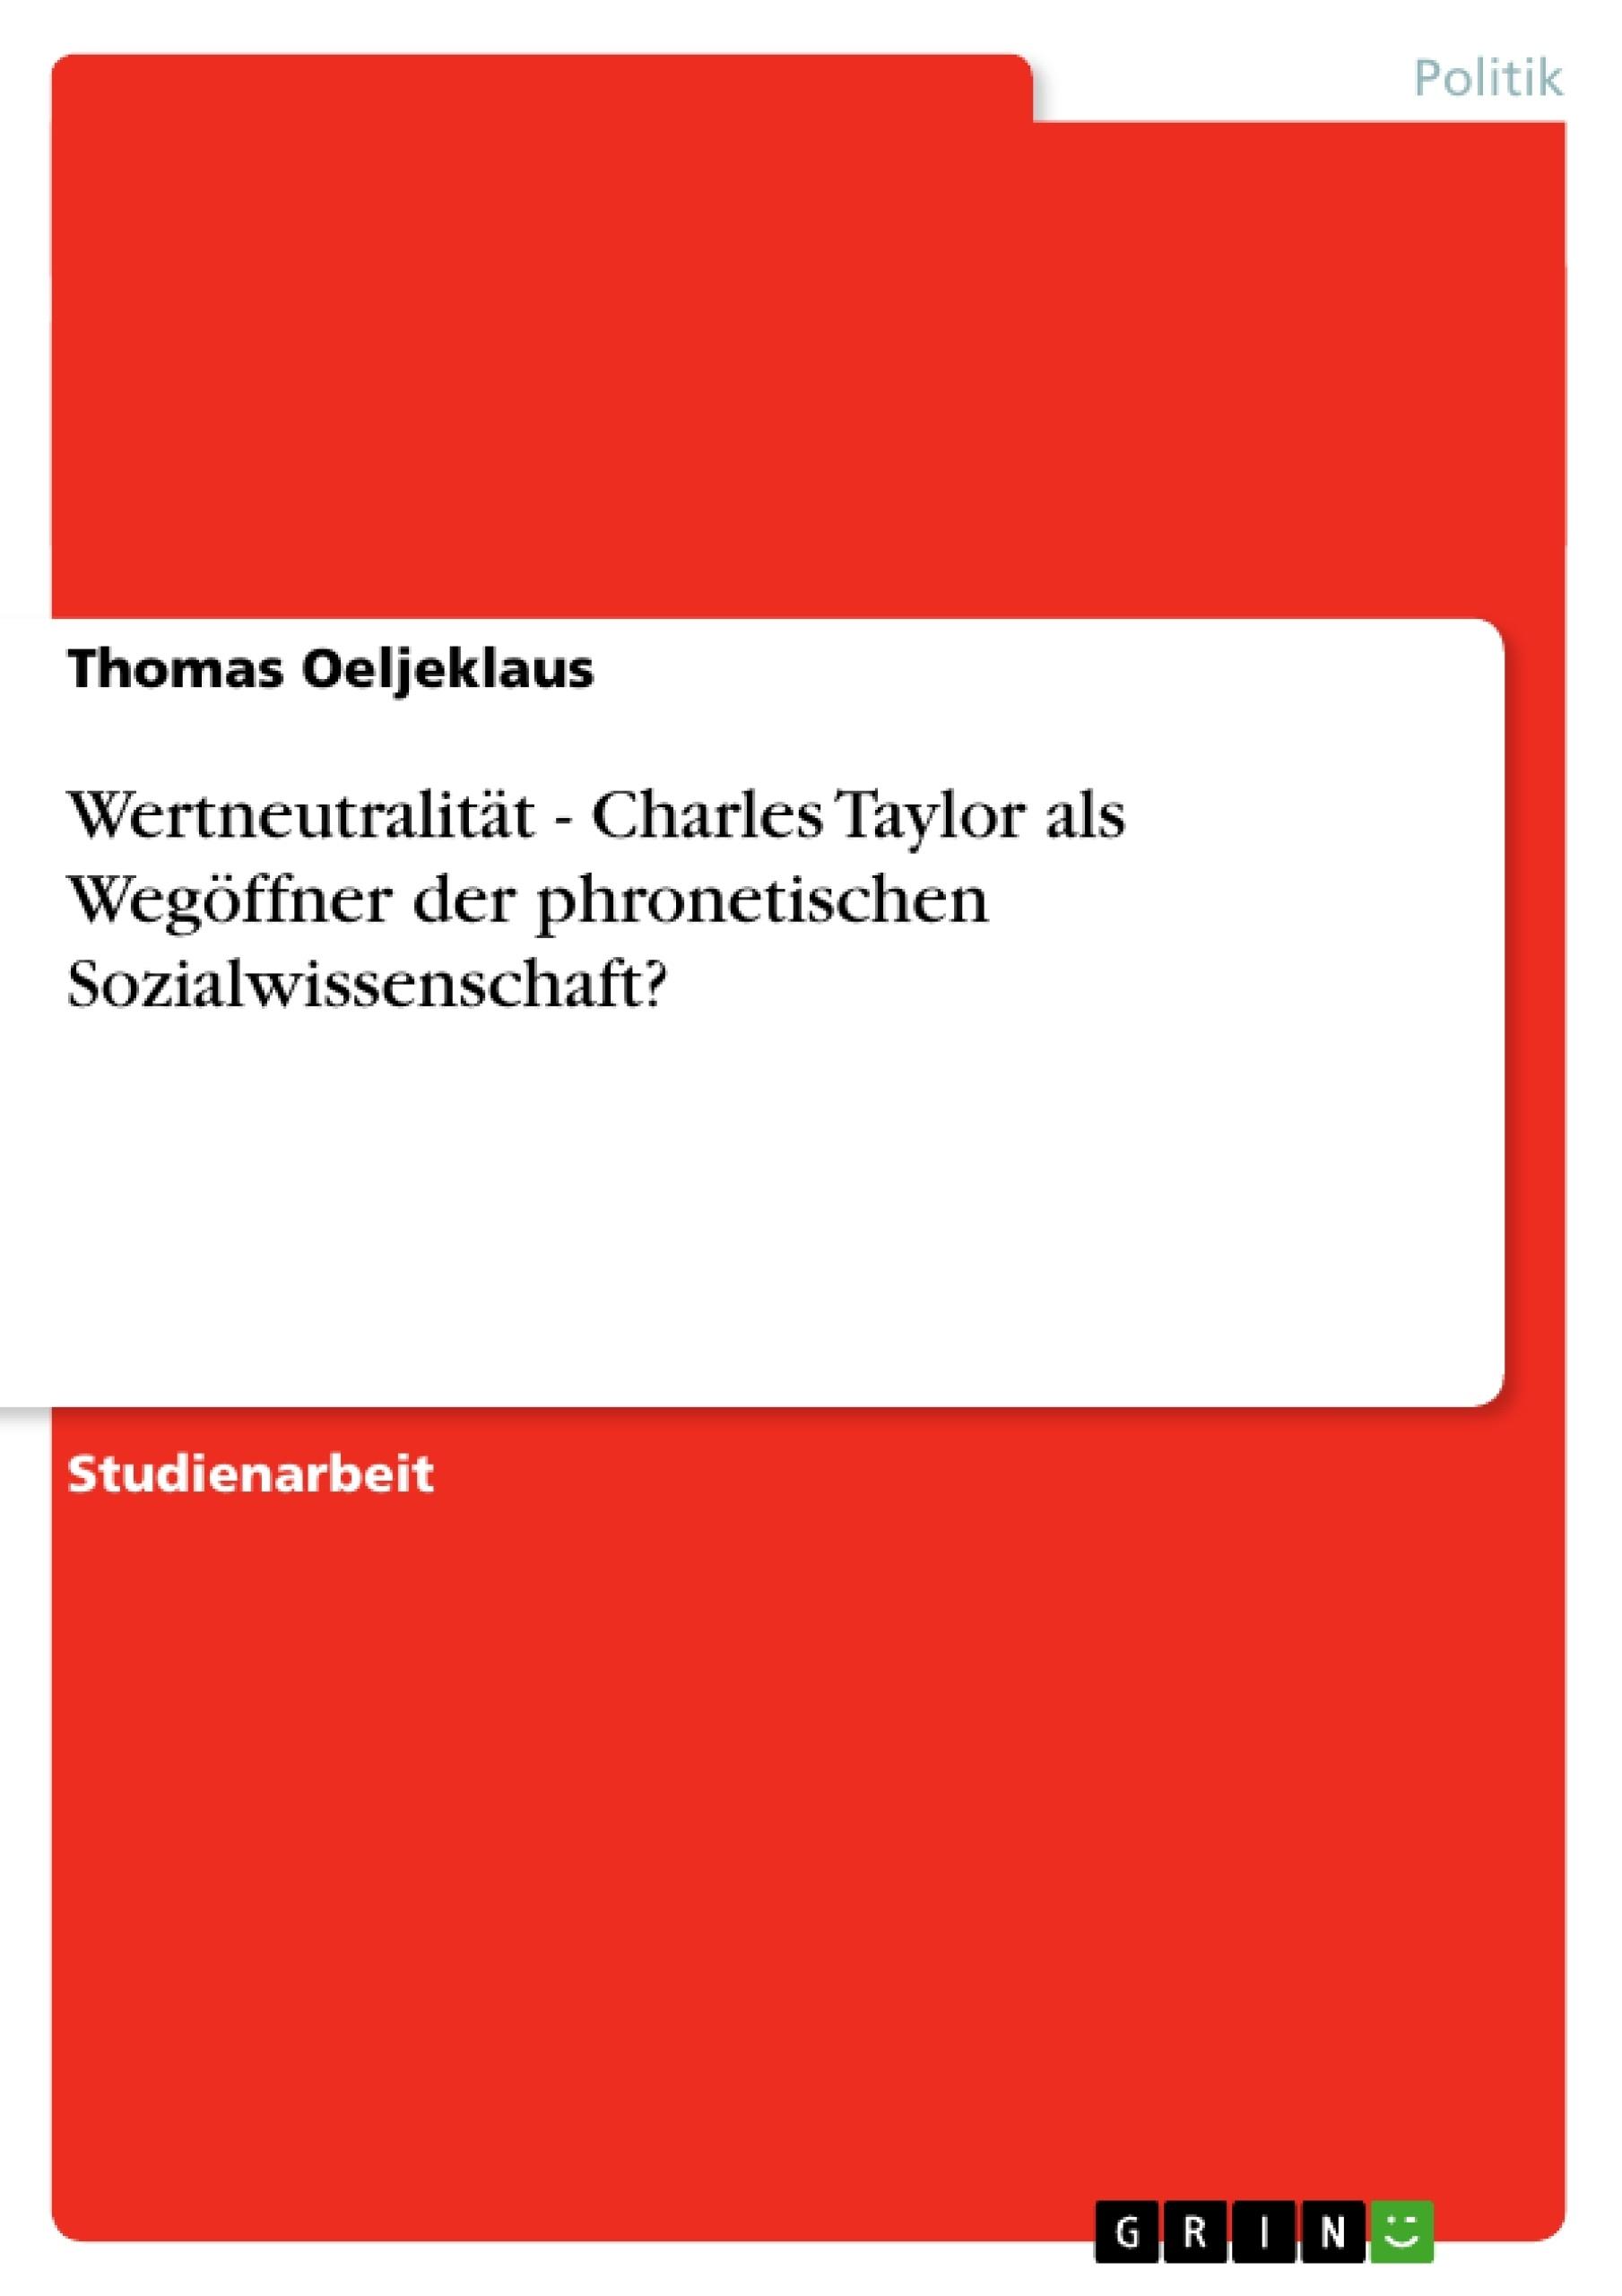 Titel: Wertneutralität - Charles Taylor als Wegöffner der phronetischen Sozialwissenschaft?